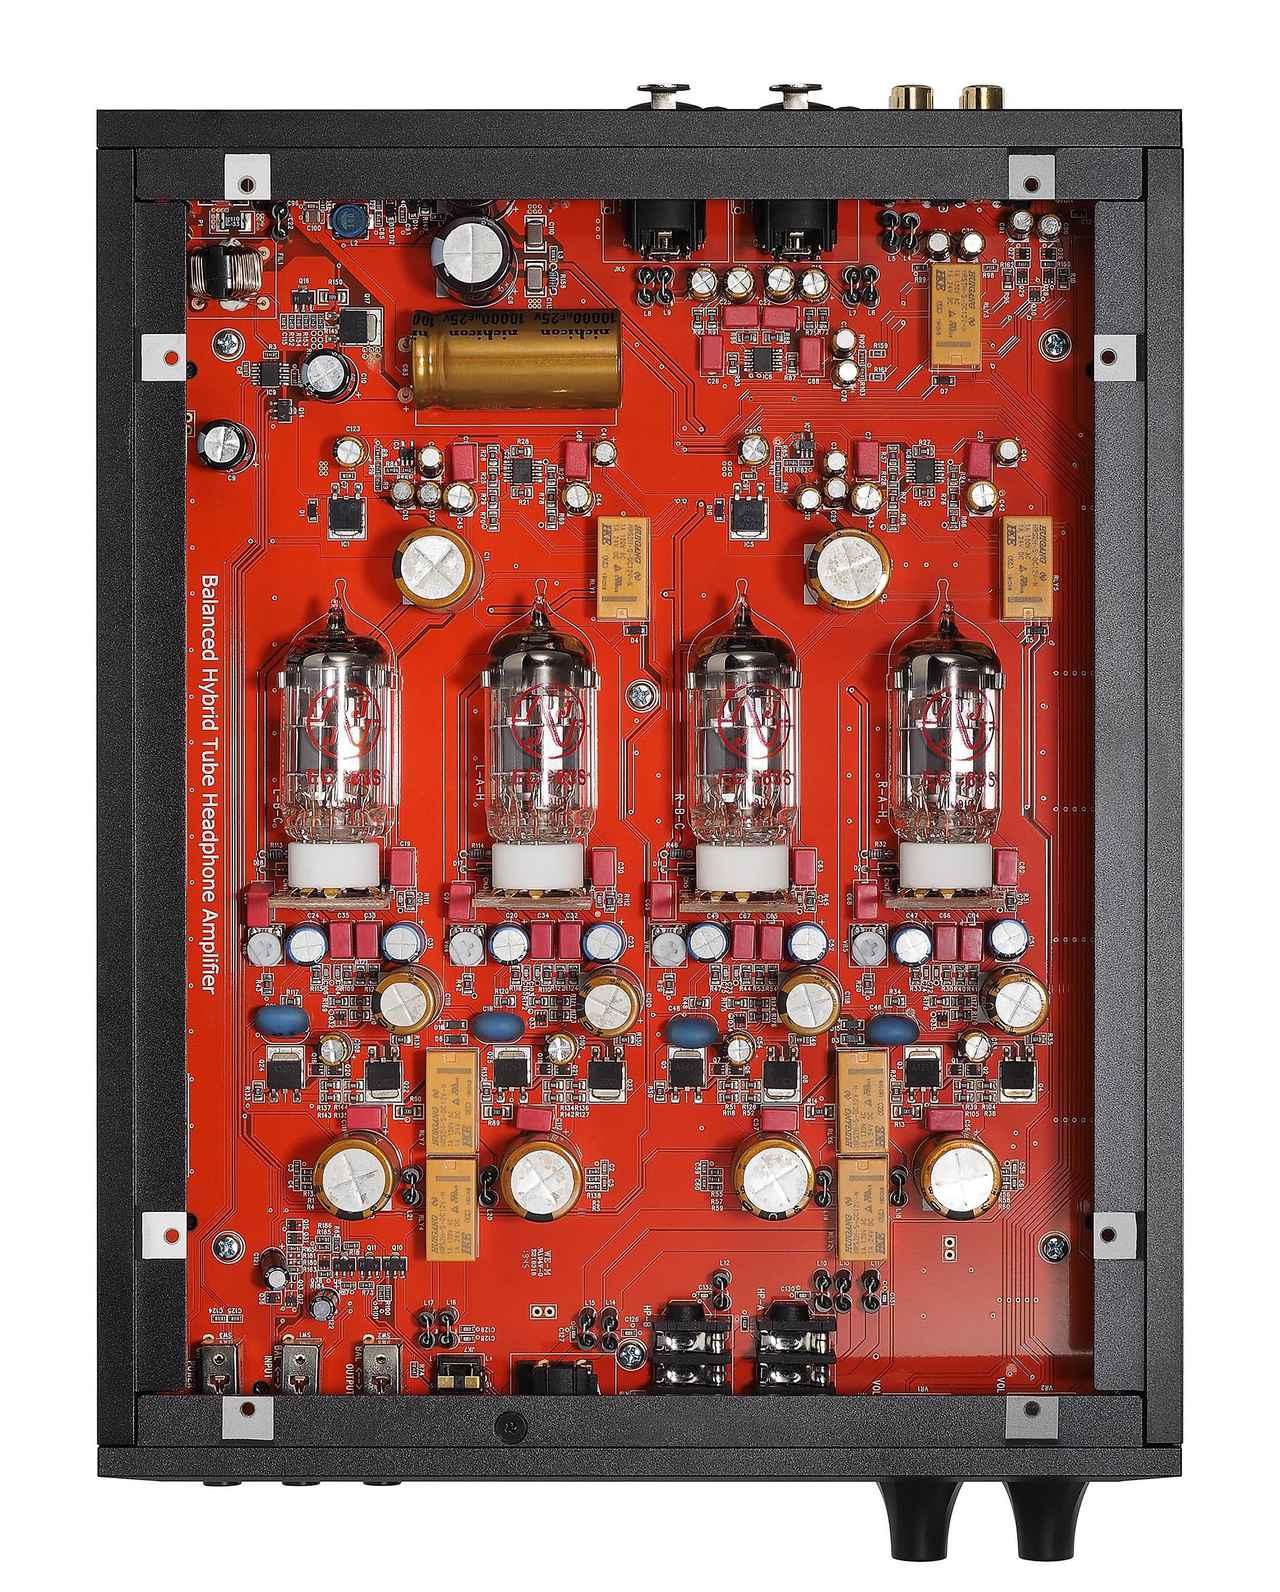 画像: プリ段をJJエレクトロニック製ECC83S、パワーアンプ部を半導体で構成。L/Rch、ホット/コールドのアンプ回路が独立する。